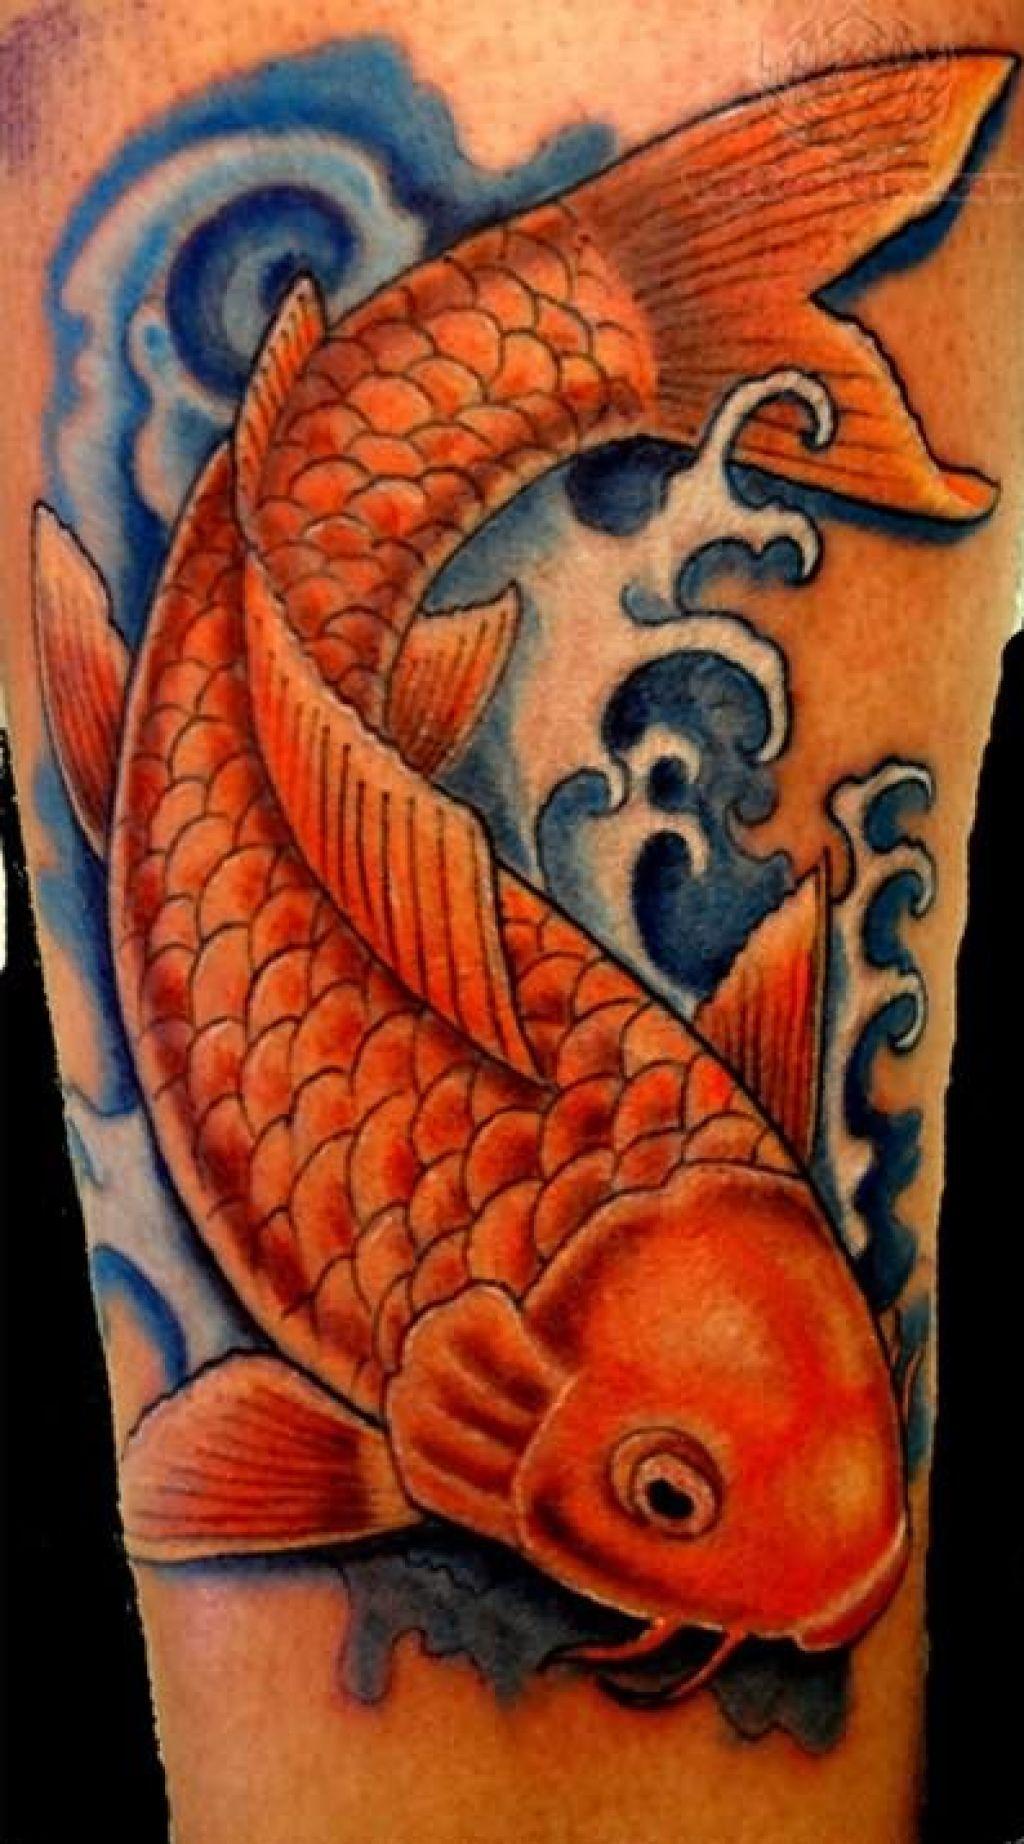 3d Japanese Koi Fish Tattoo Designs Tattooed Koi Fish Tattoo Koi Tattoo Design Japanese Koi Fish Tattoo